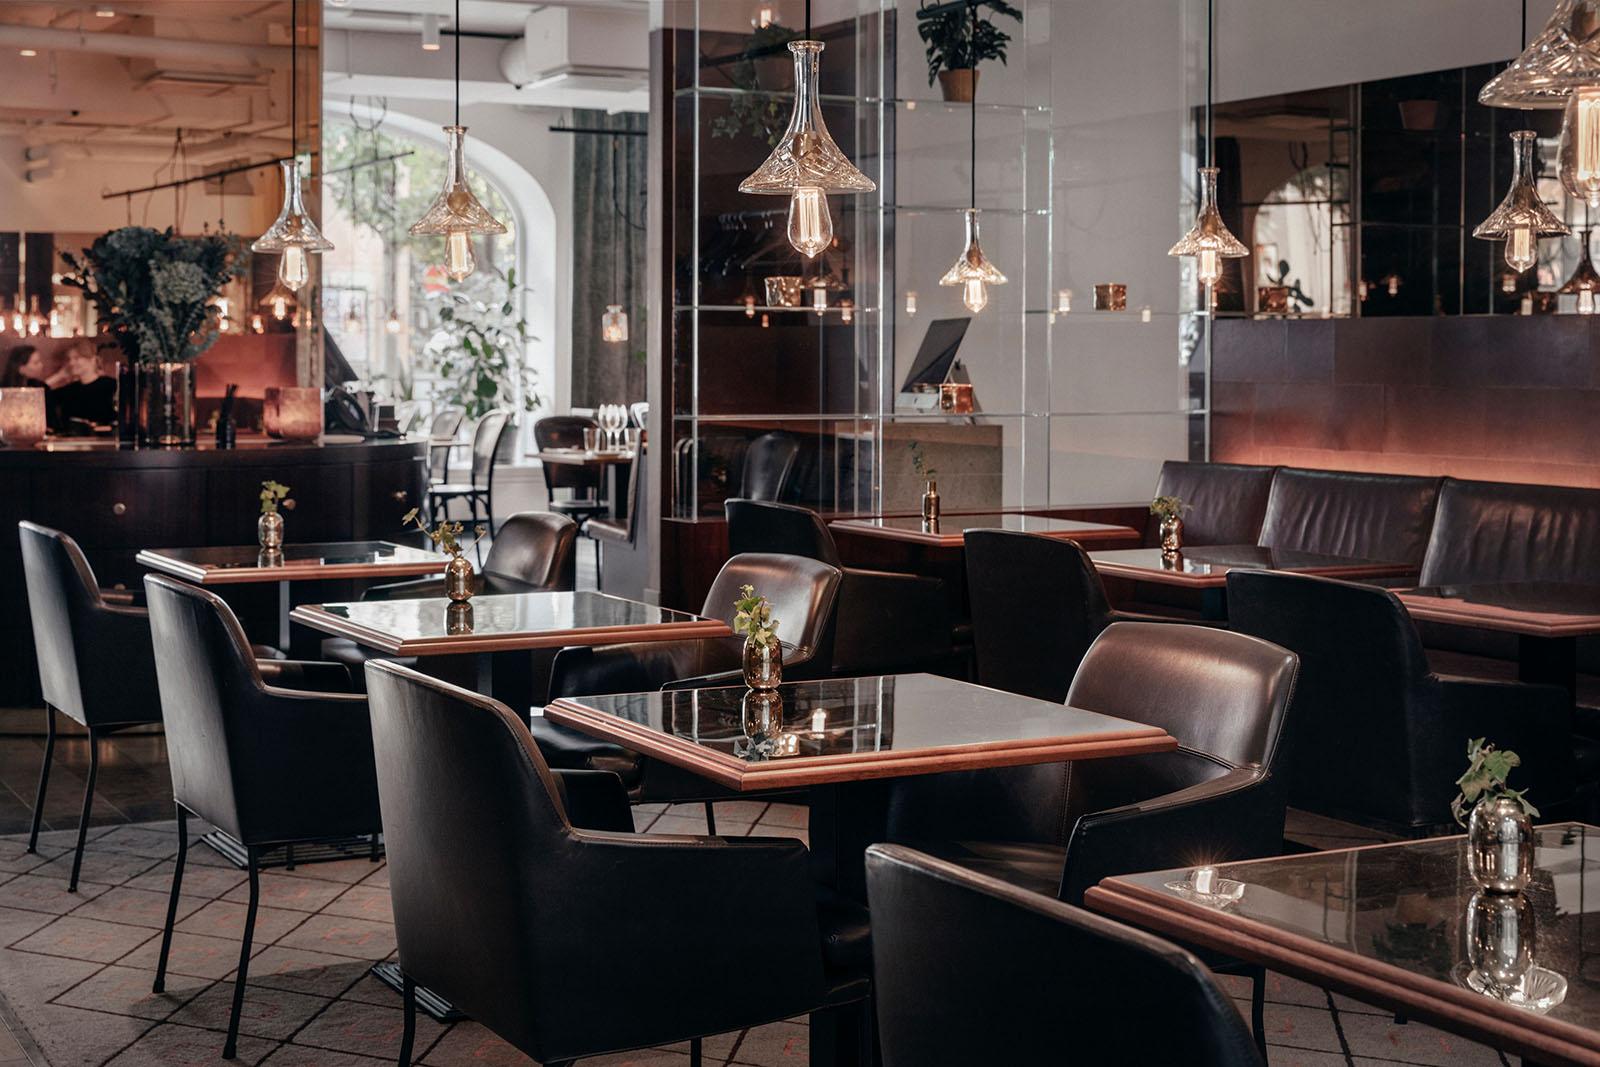 Med specialisering på ljusdesign i Stockholm, kan vi skapa magi i allt vi gör! Oavsett om ni önskar hjälp med belysning i er bostad eller på er restaurang, som här!